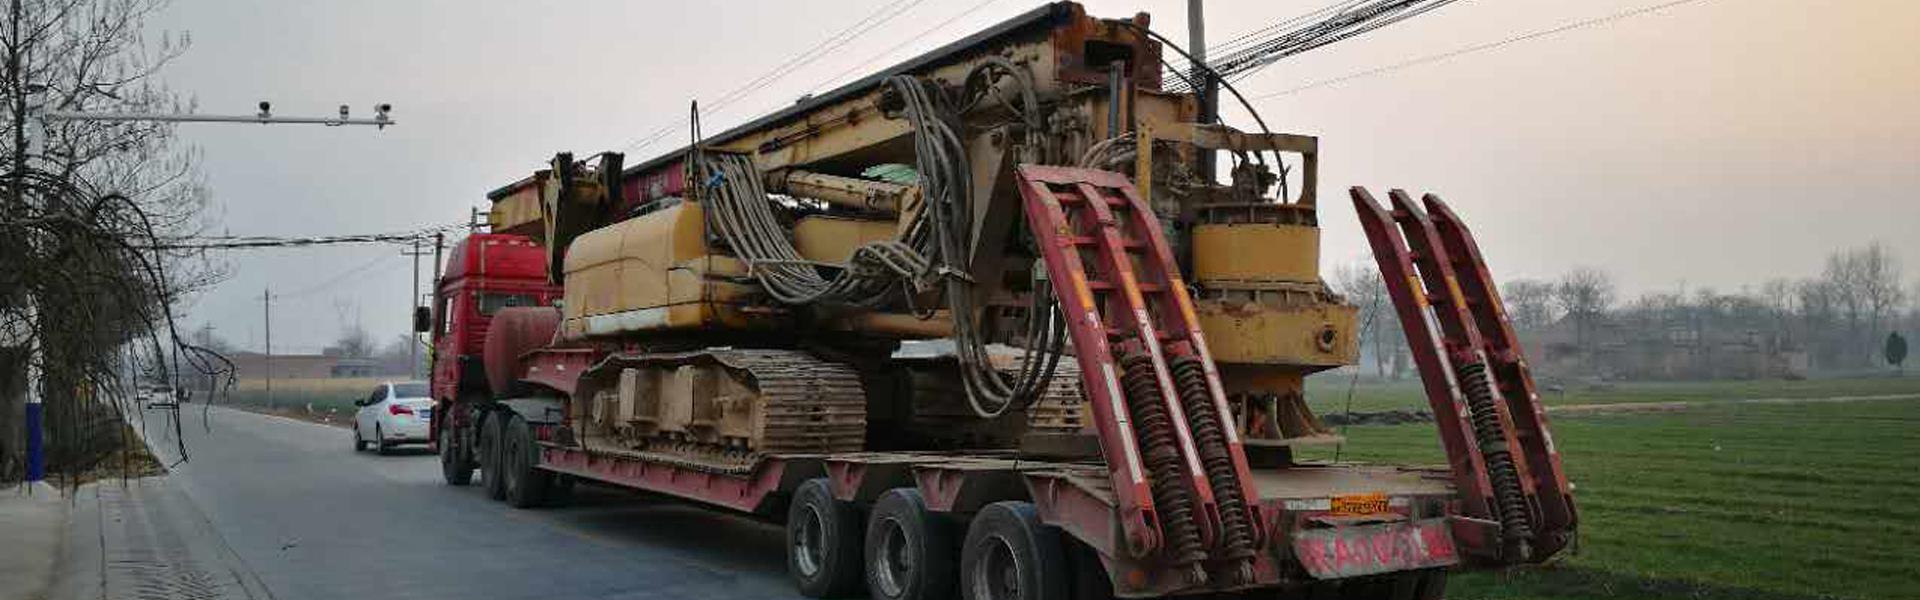 钻机挖掘机运输13892860095